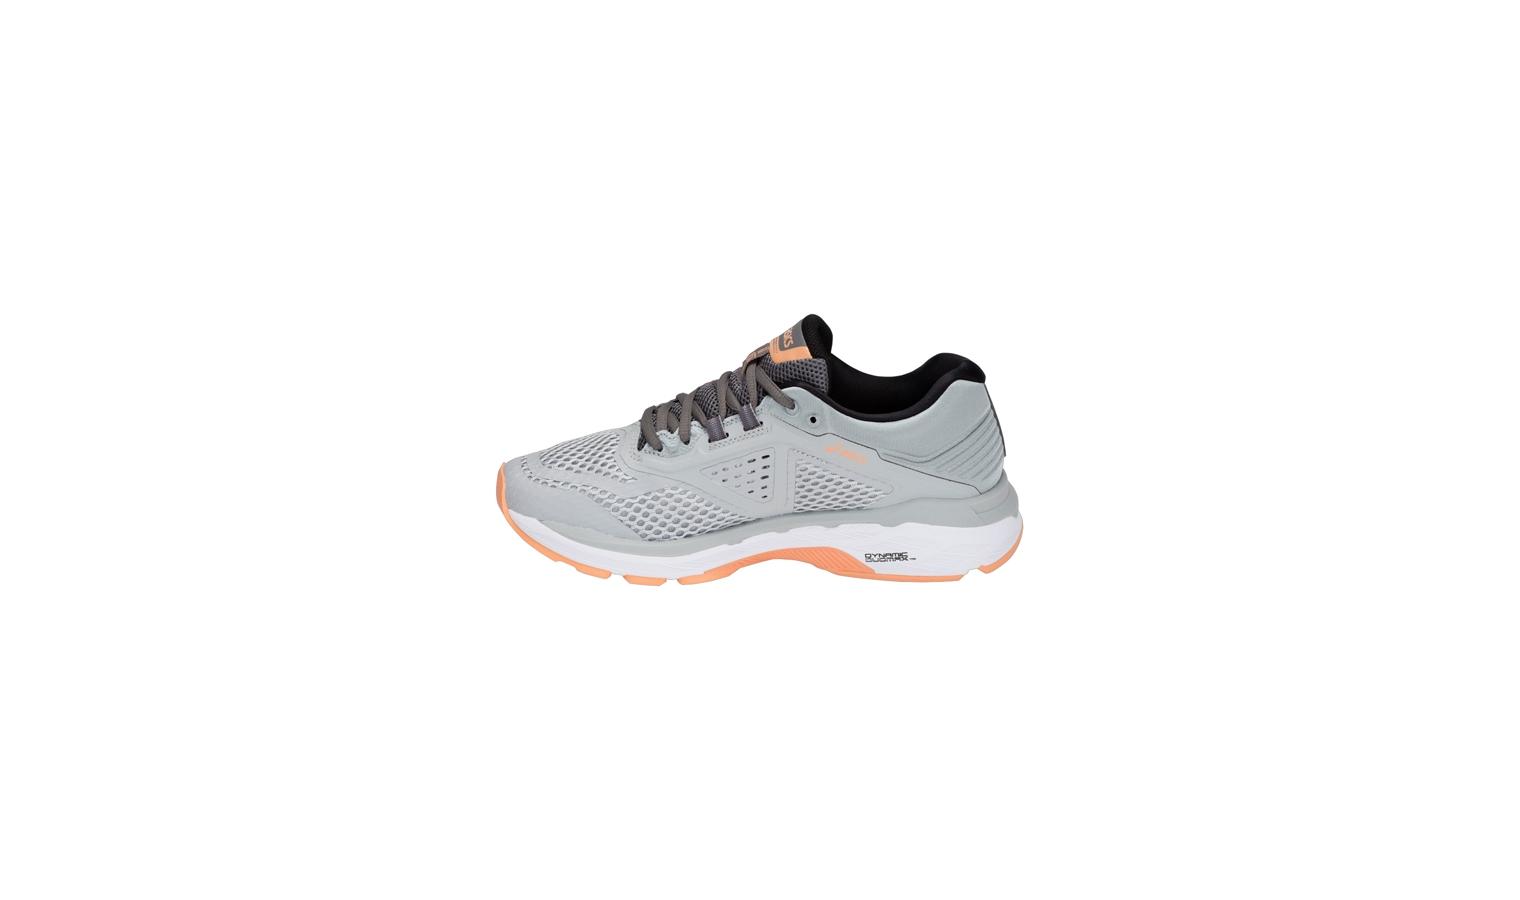 9c072aa2e57 Dámské běžecké boty Asics GT-2000 6 W šedé